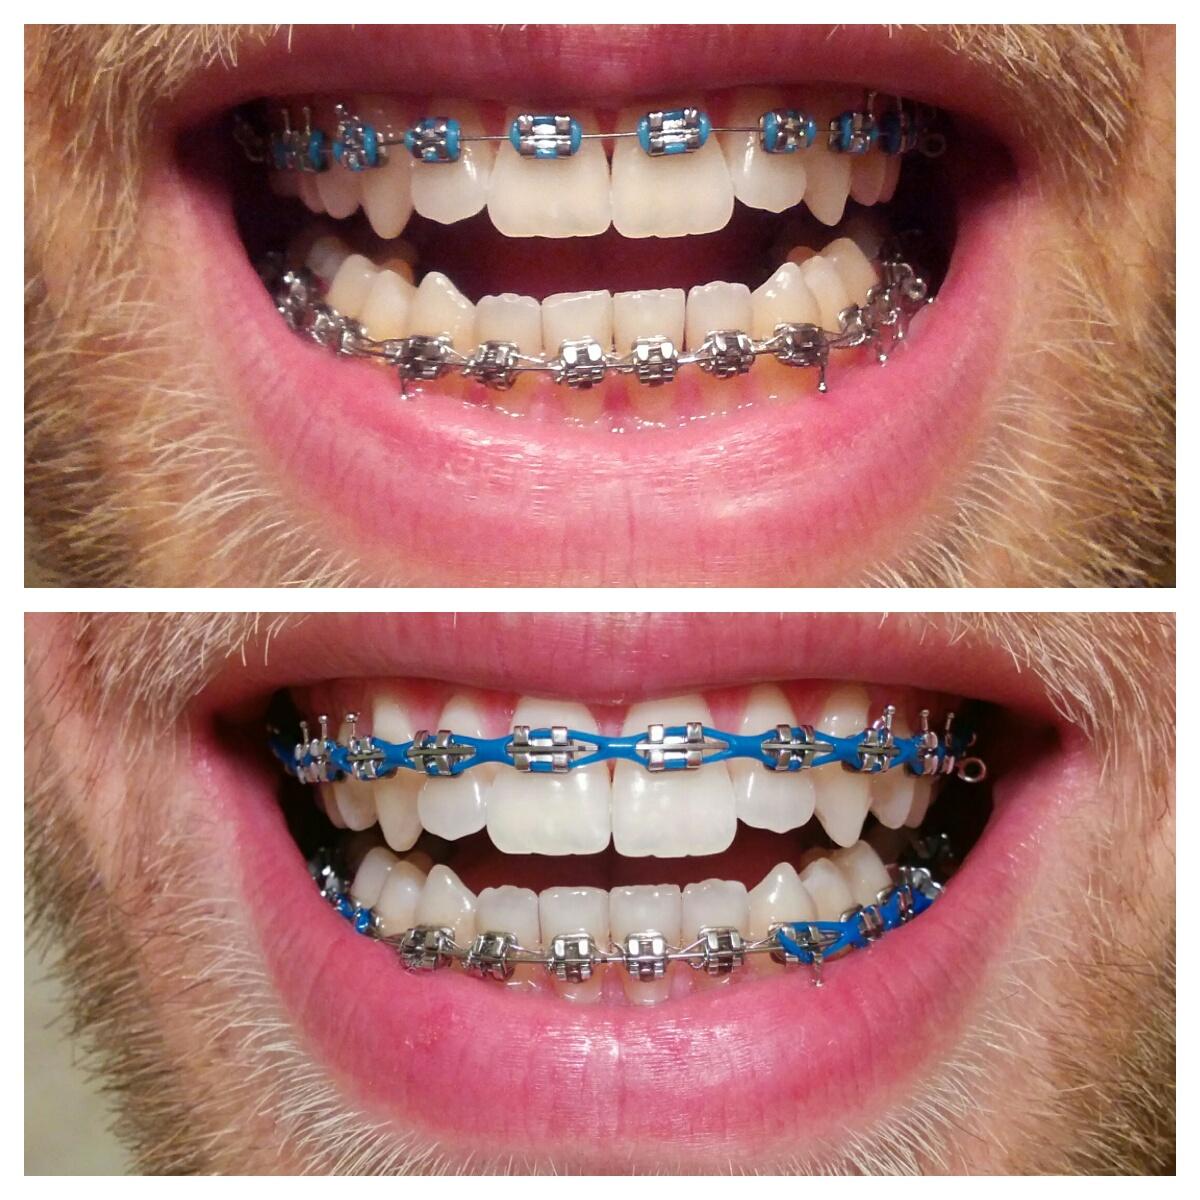 zdjęcie łańcuszka ortodontycznego przed i po wizycie